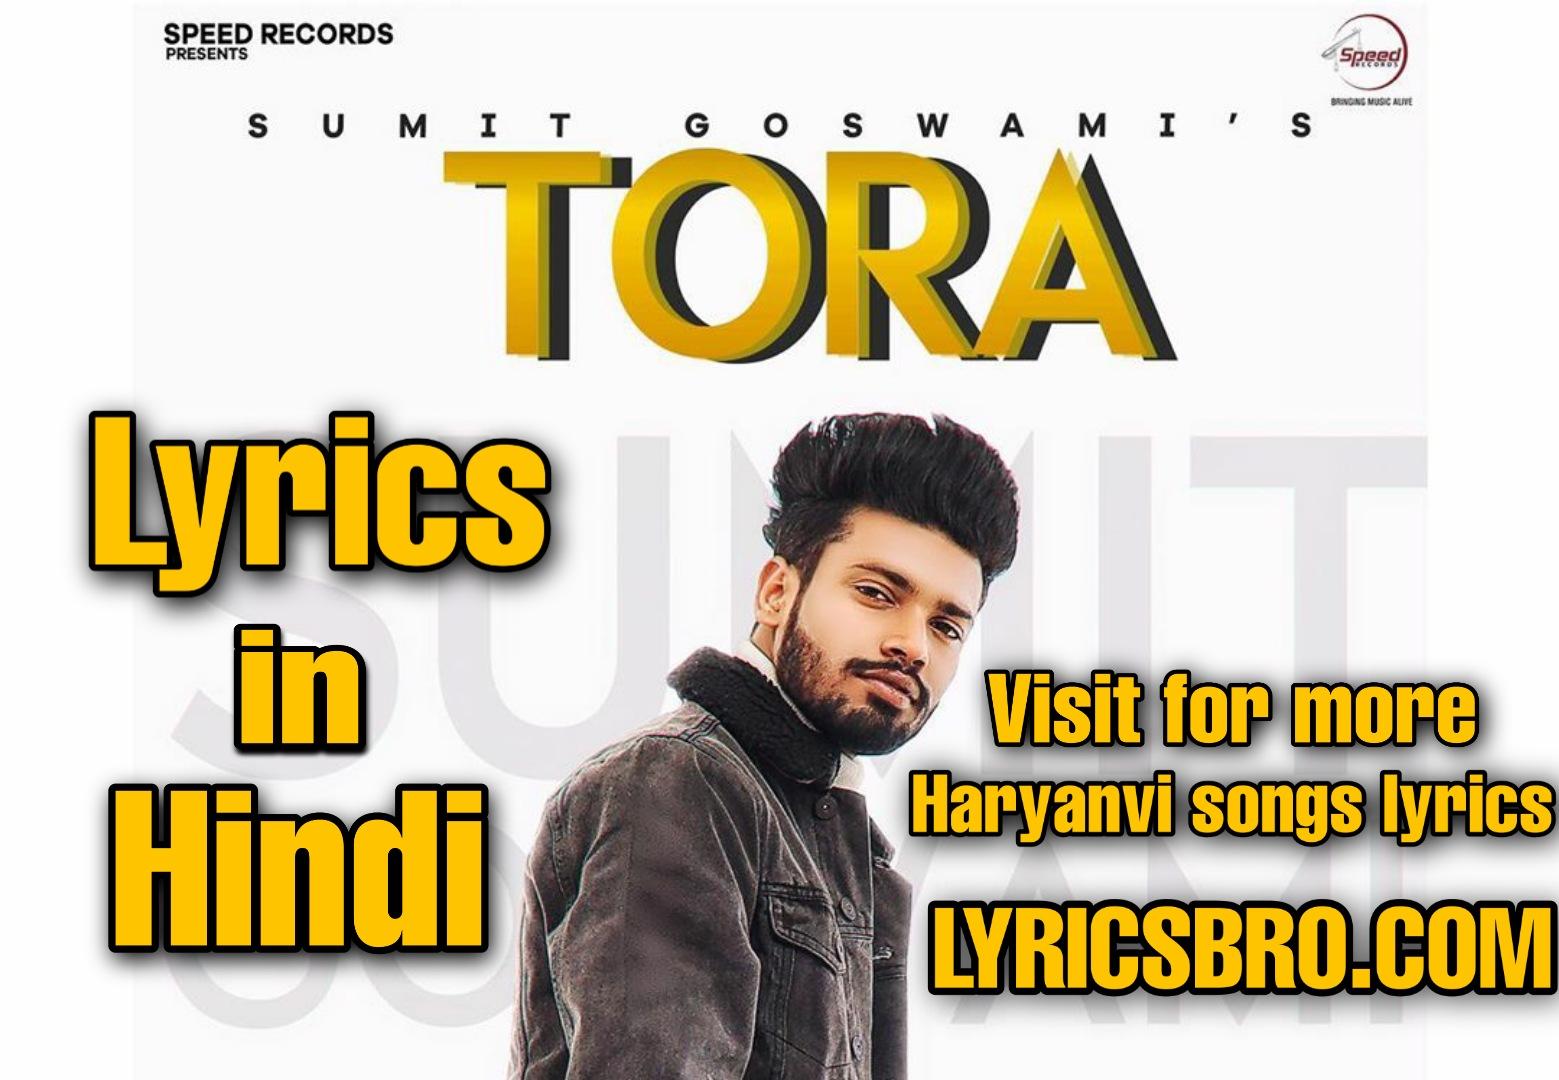 Sumit goswami song tora lyrics